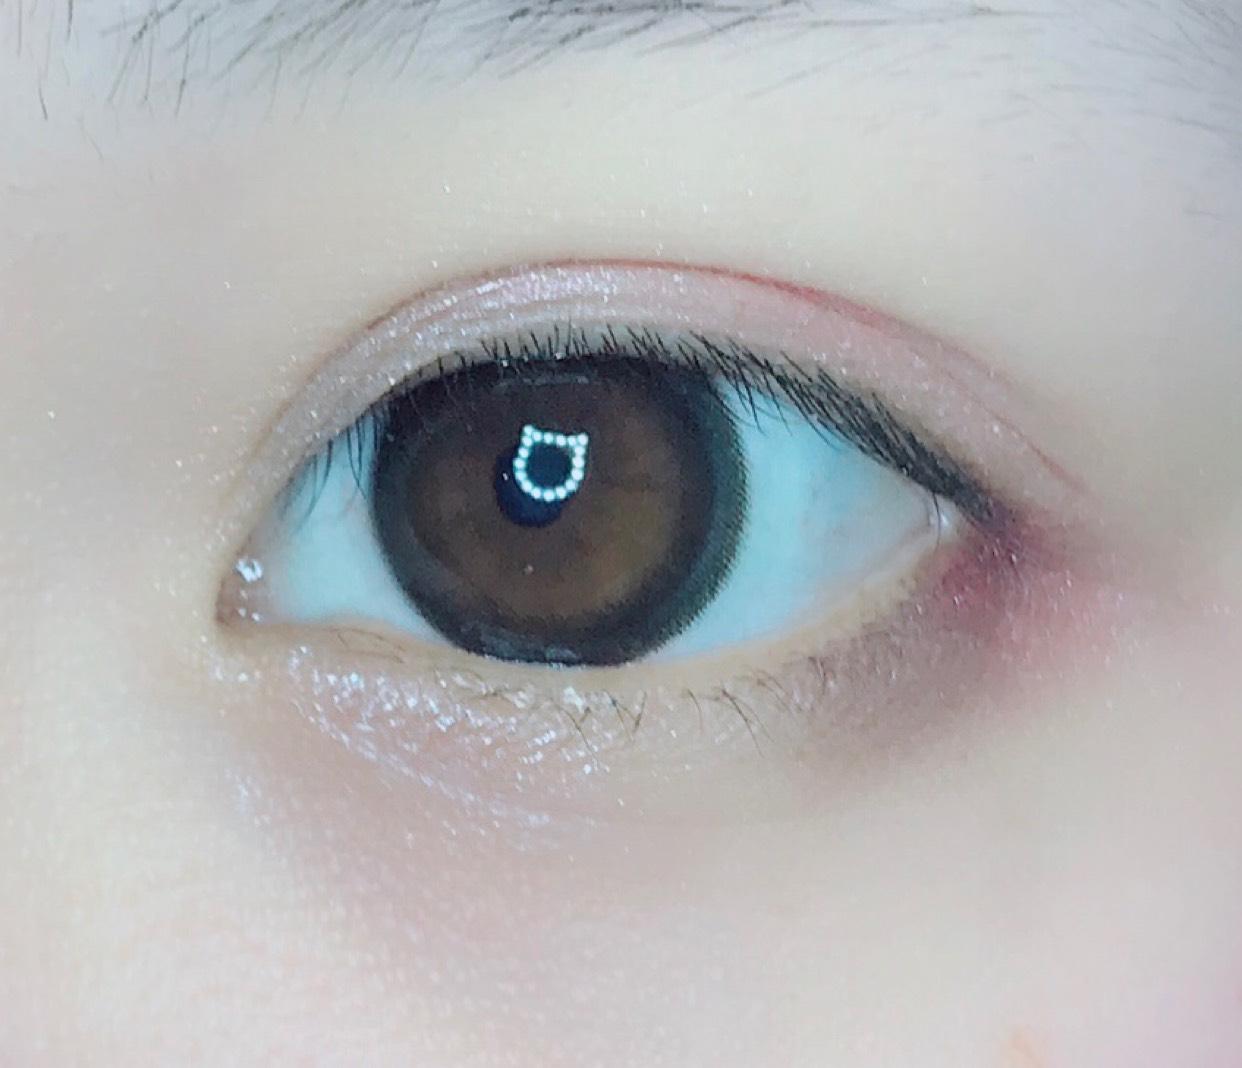 薄いブラウンを瞼の二重幅全体にのせ、その上にピンクを重ねて指でぼかします。 目尻の下には濃いブラウンのアイシャドウをのせ、こちらもピンクを重ねてぼかします。